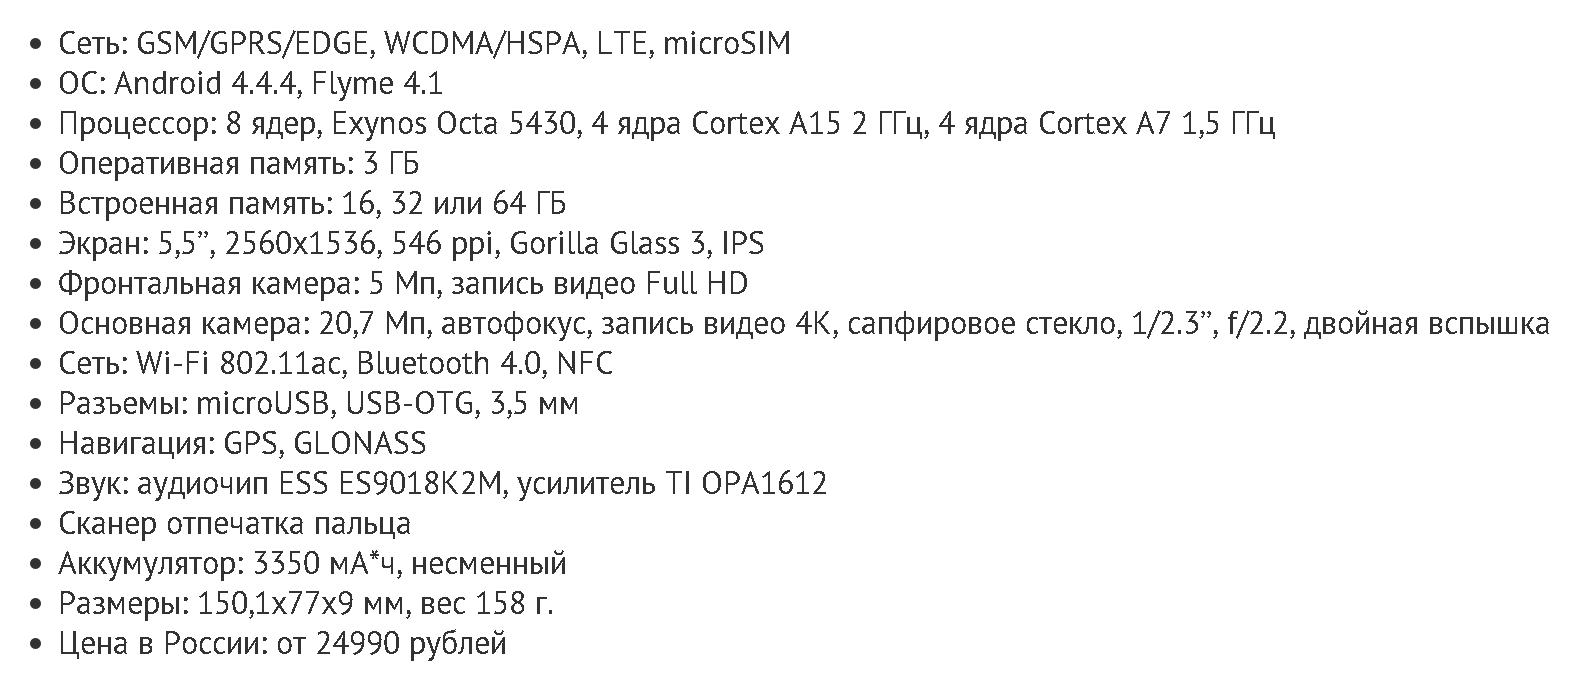 Характеристики Meizu mx4 pro